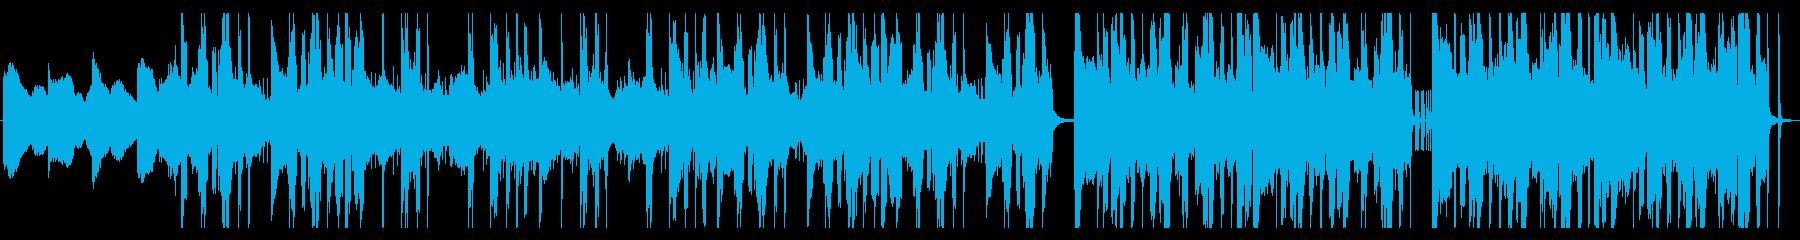 気だるいヒップホップ_No401_3の再生済みの波形